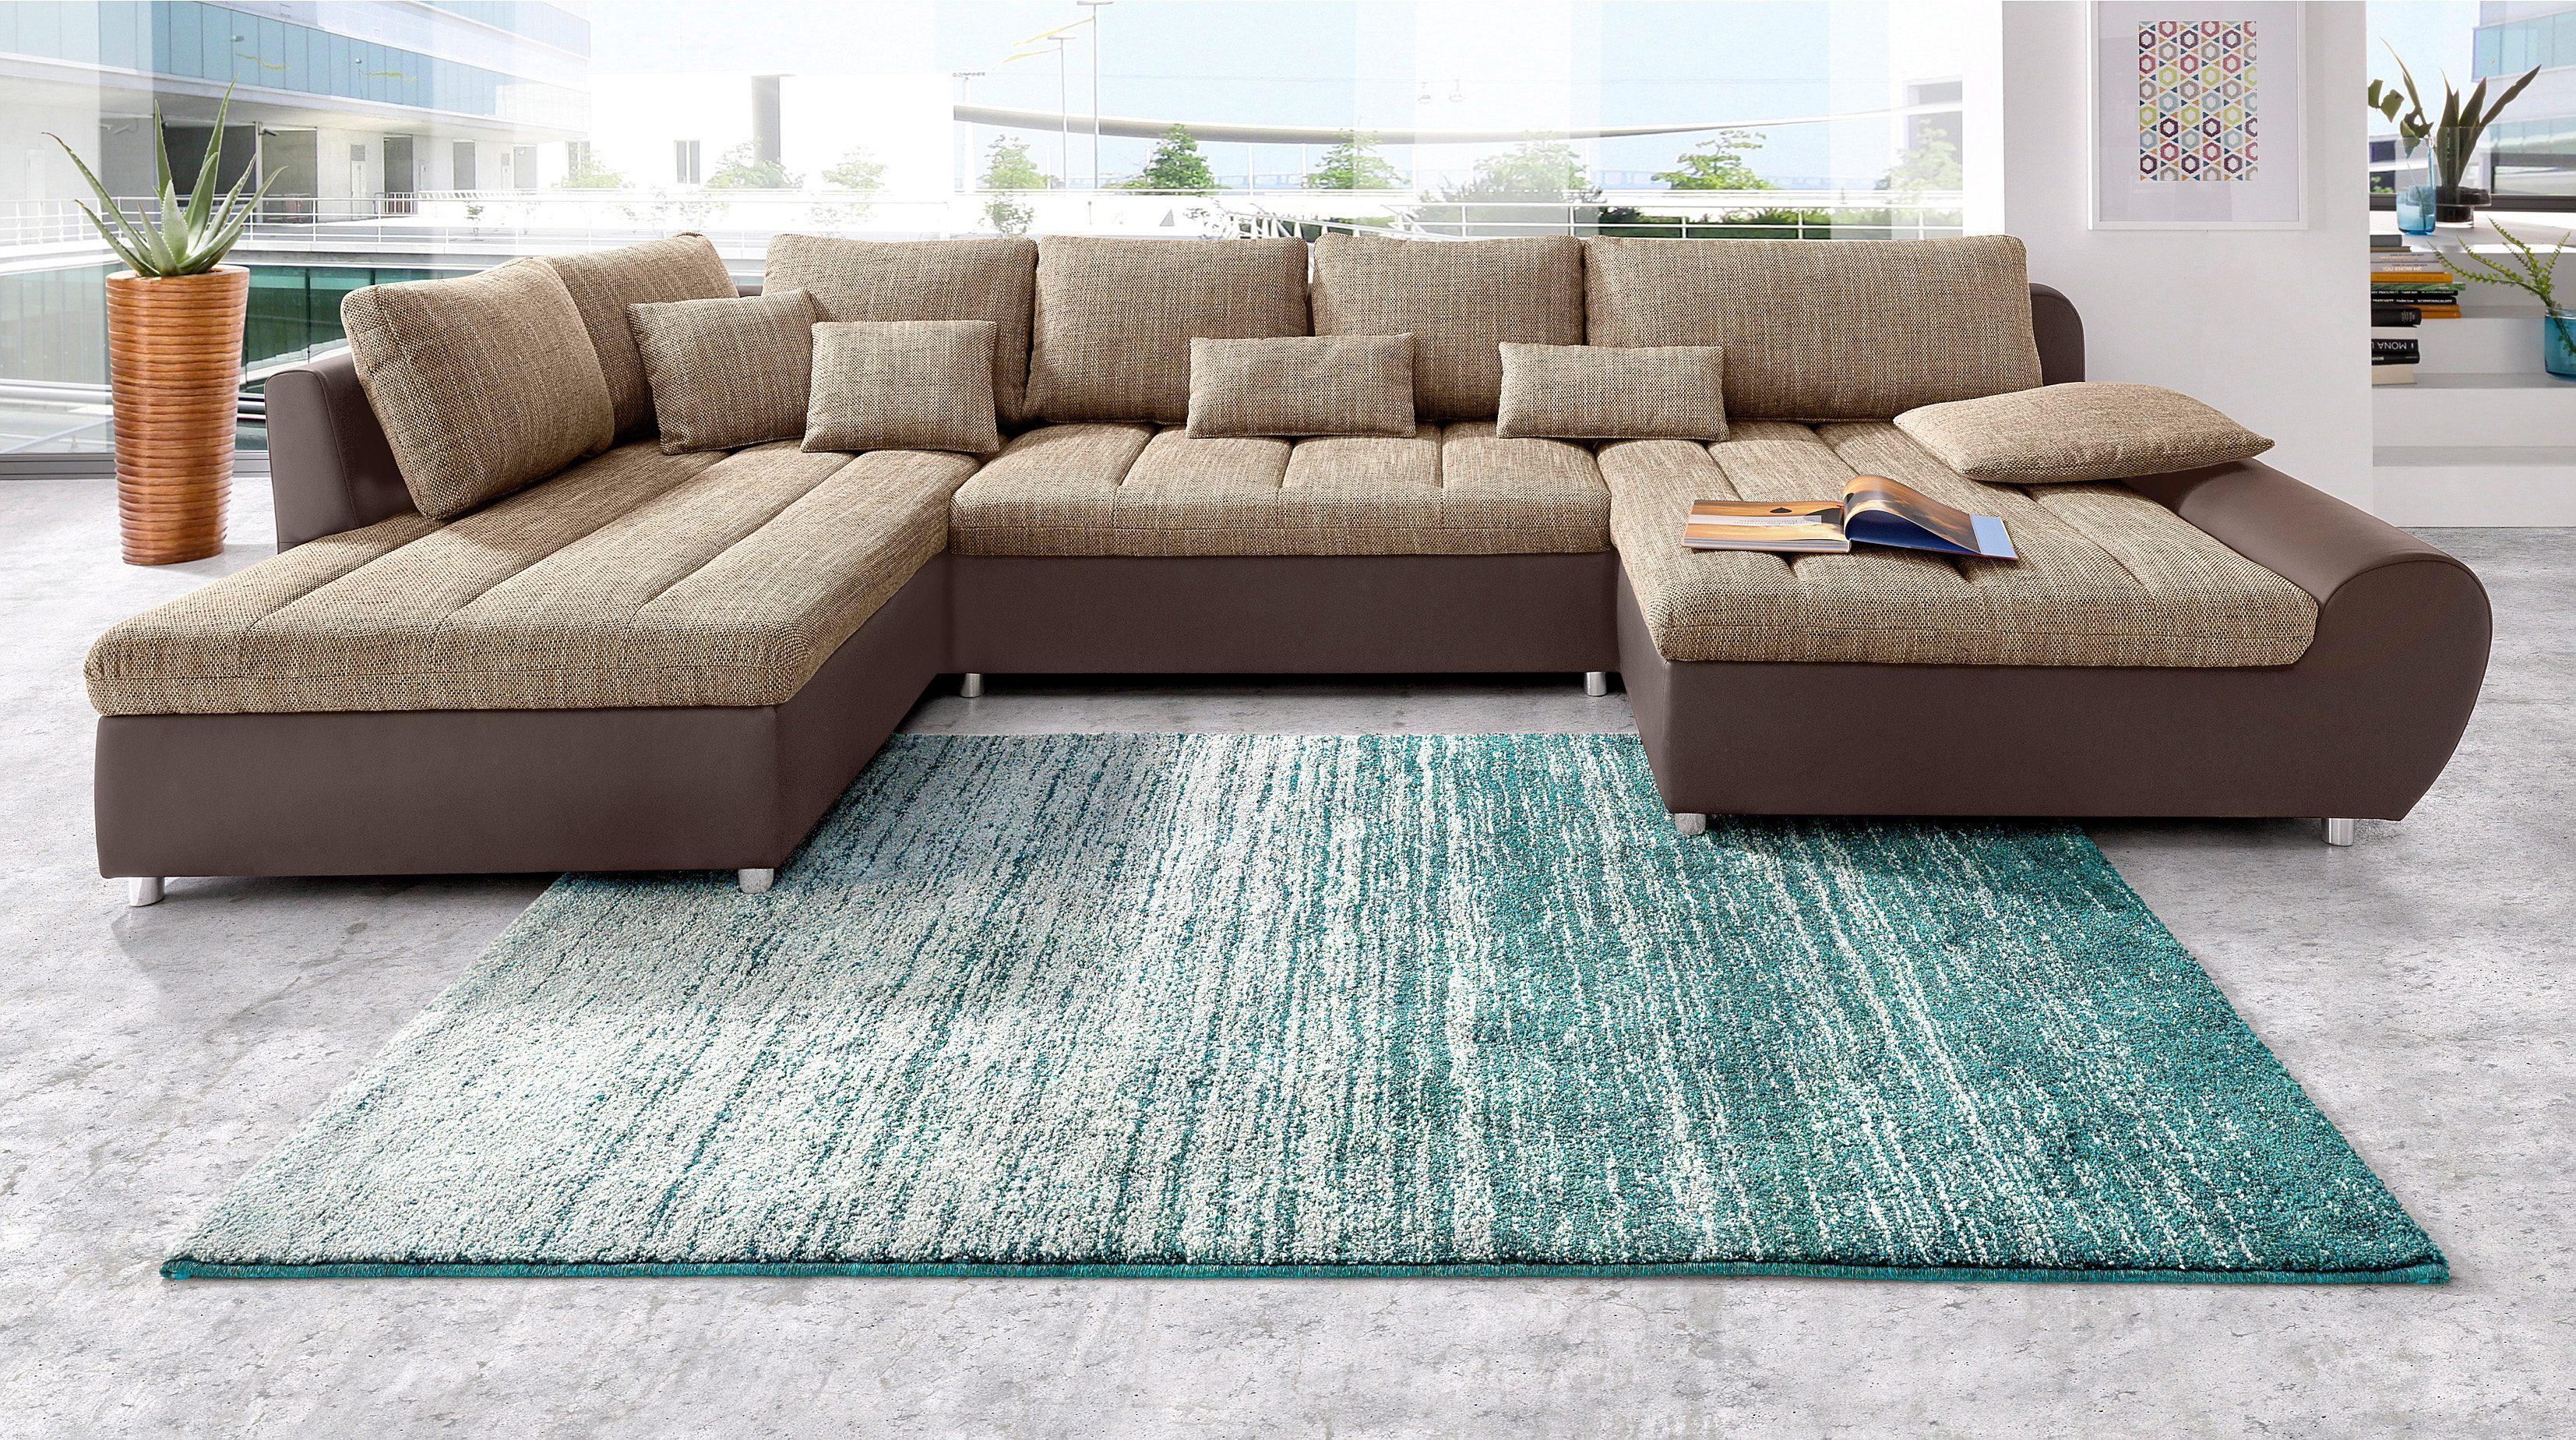 sit more wohnlandschaft bandos kaufen baur. Black Bedroom Furniture Sets. Home Design Ideas